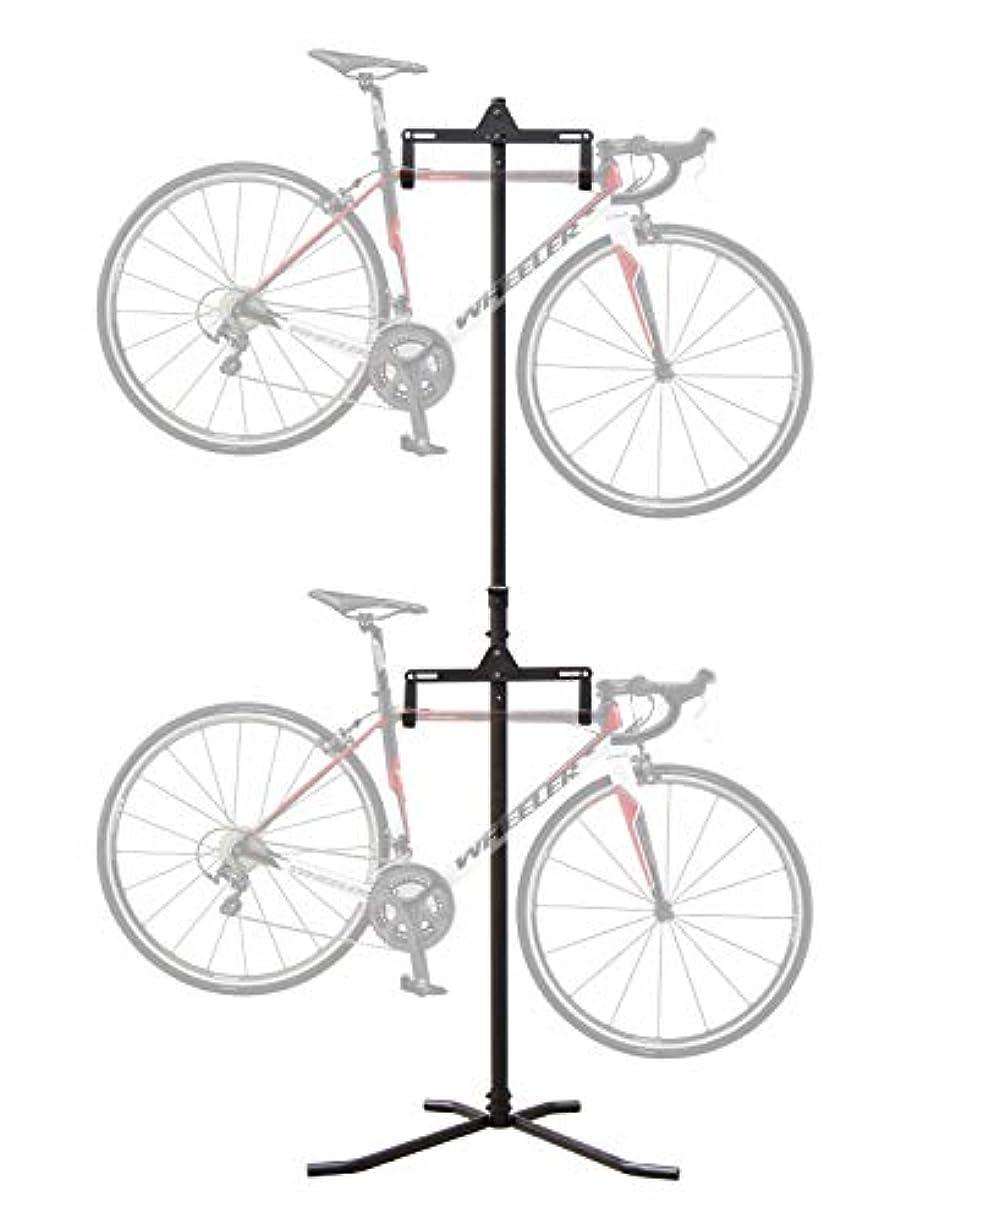 羊飼い週末感染する自転車スタンド ディスプレイスタンド バイクタワー サイクルスタンド 室内 2台 つっぱり式 ブラック